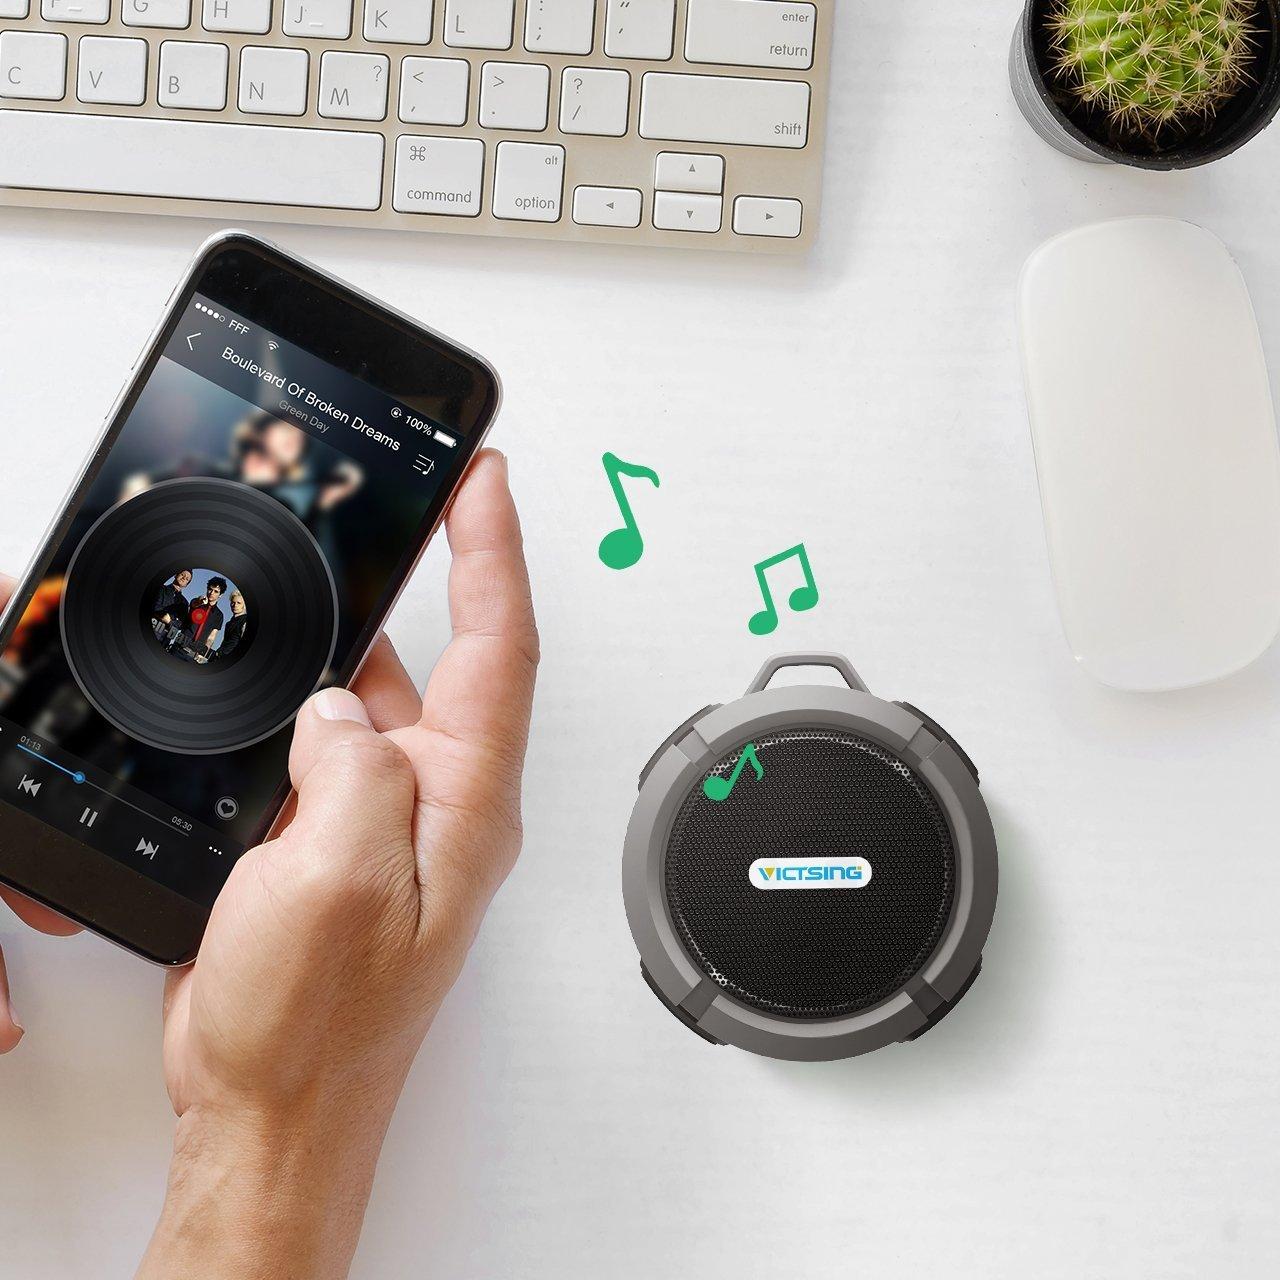 VicTsing Bluetooth Waterproof Hands Free Speakerphone Image 3